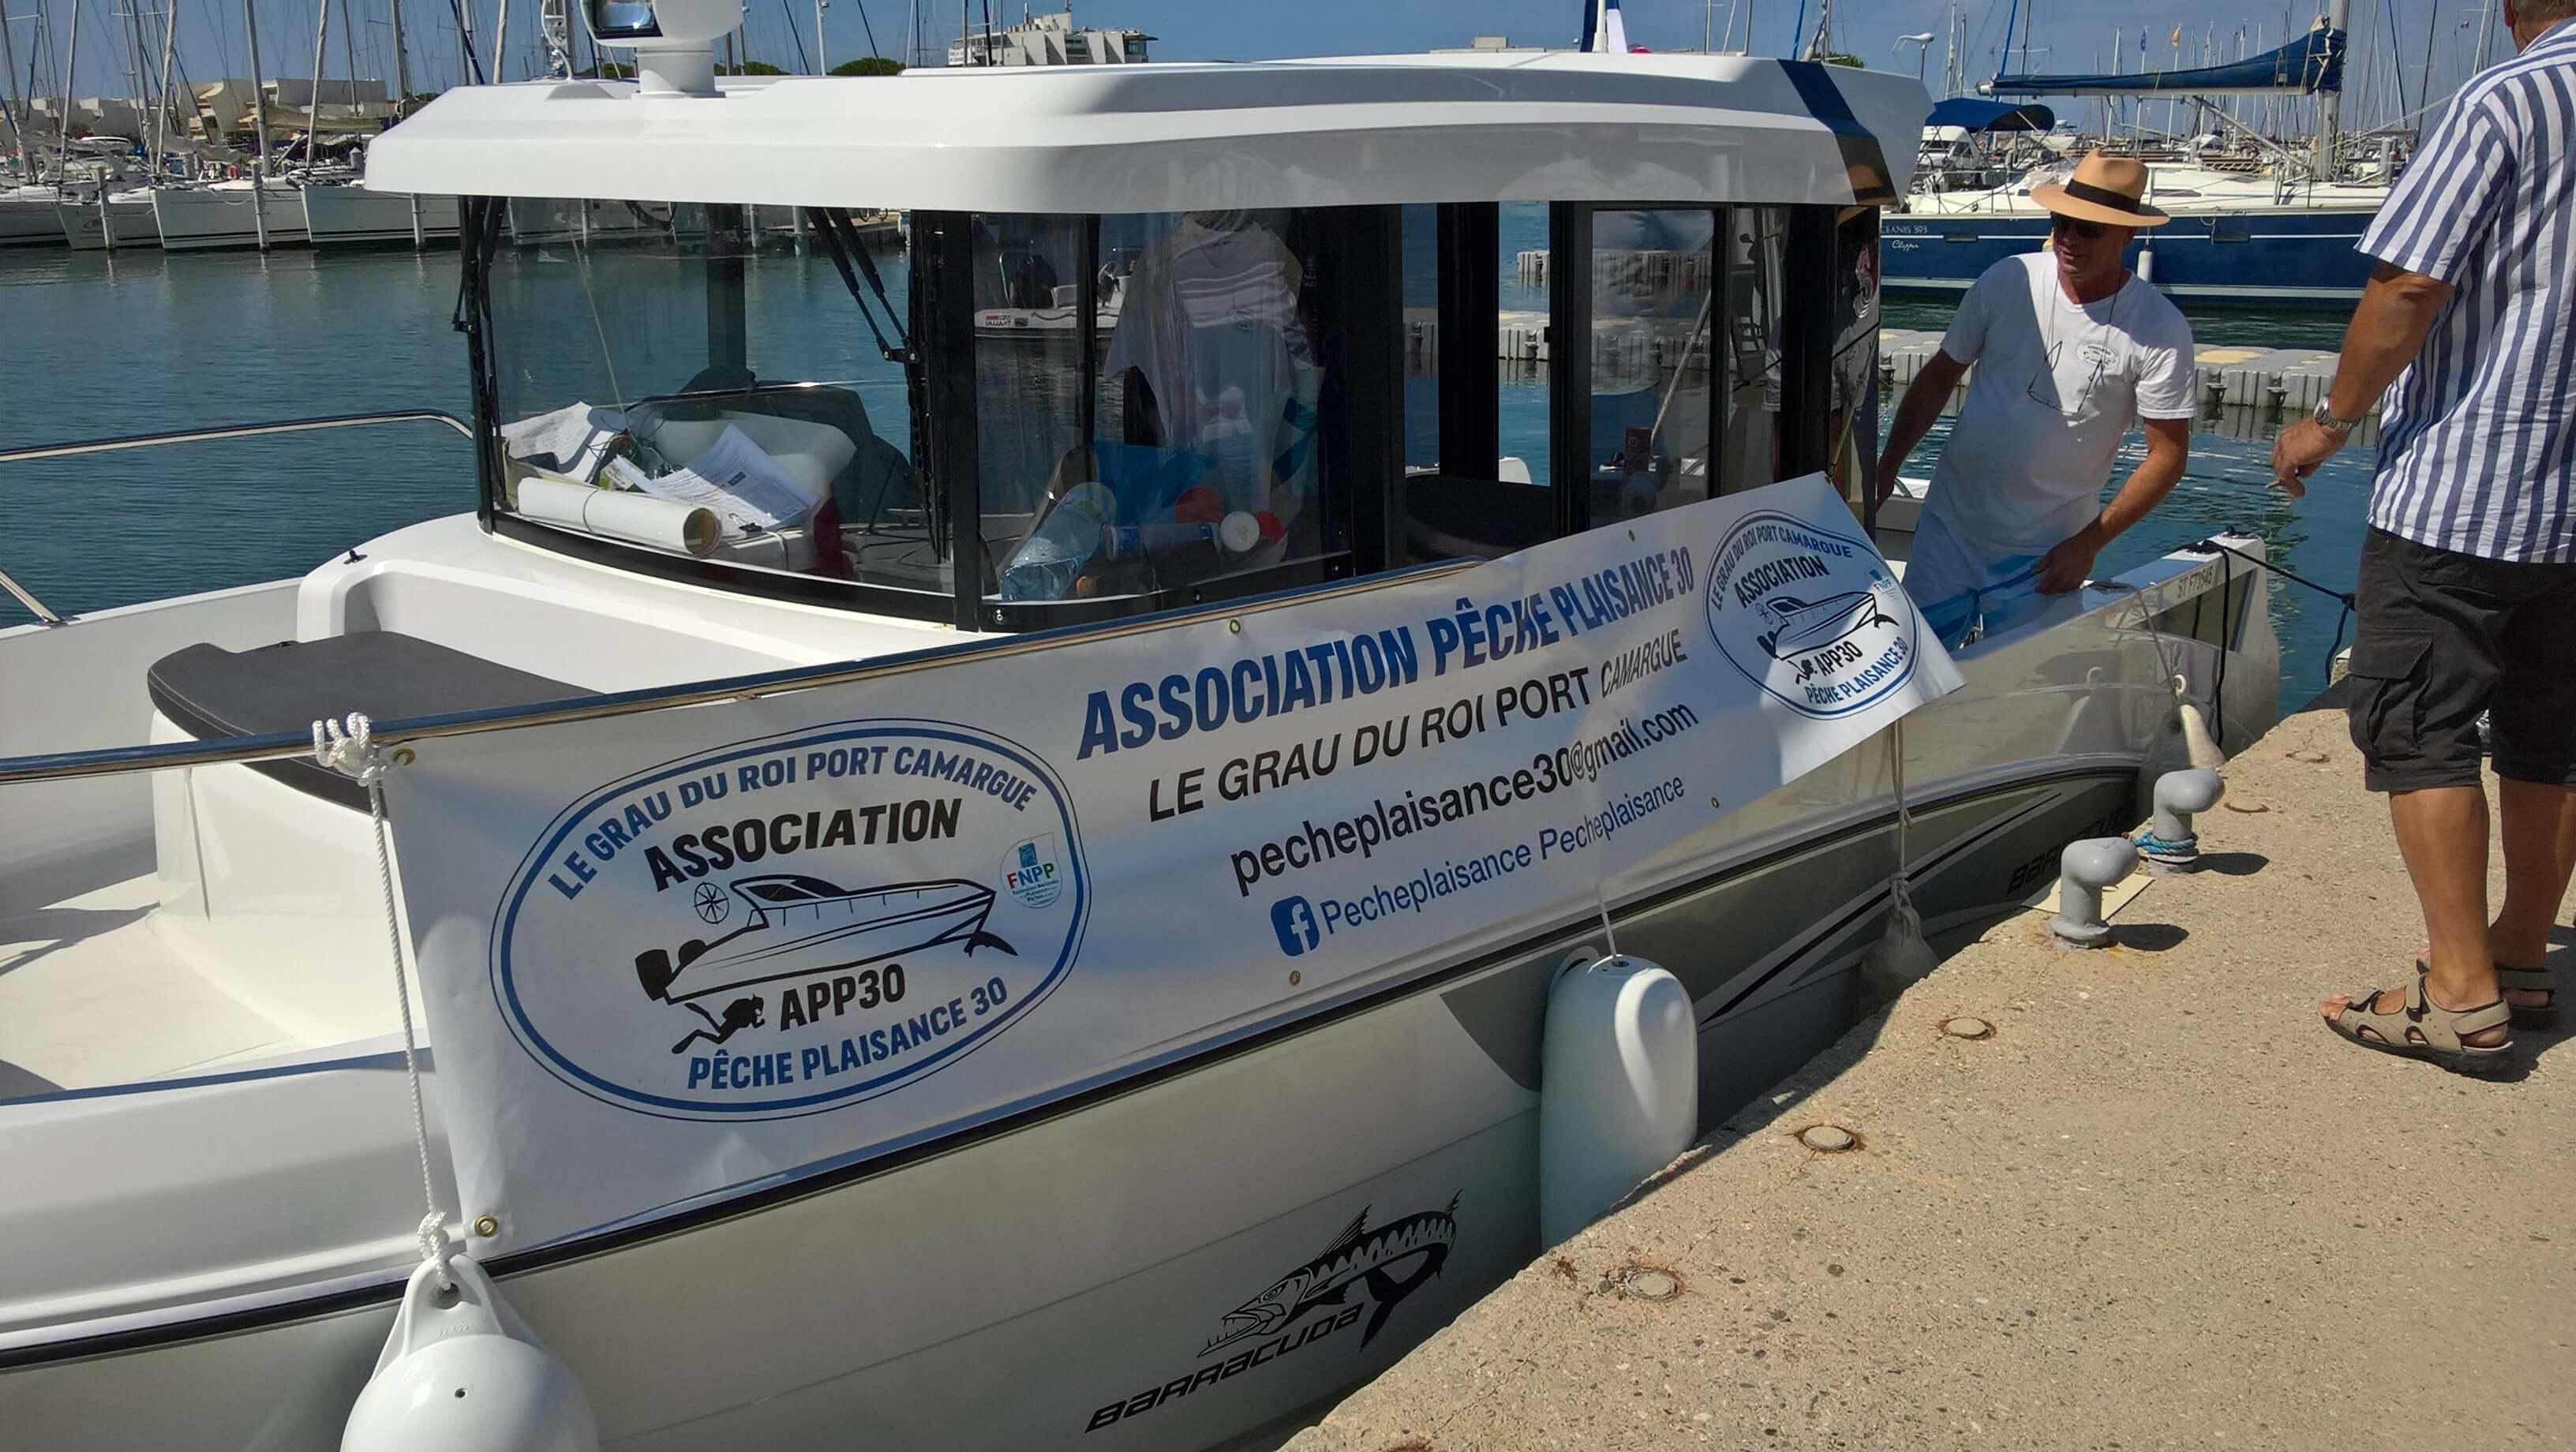 bateau association pêche plaisance le grau du roi